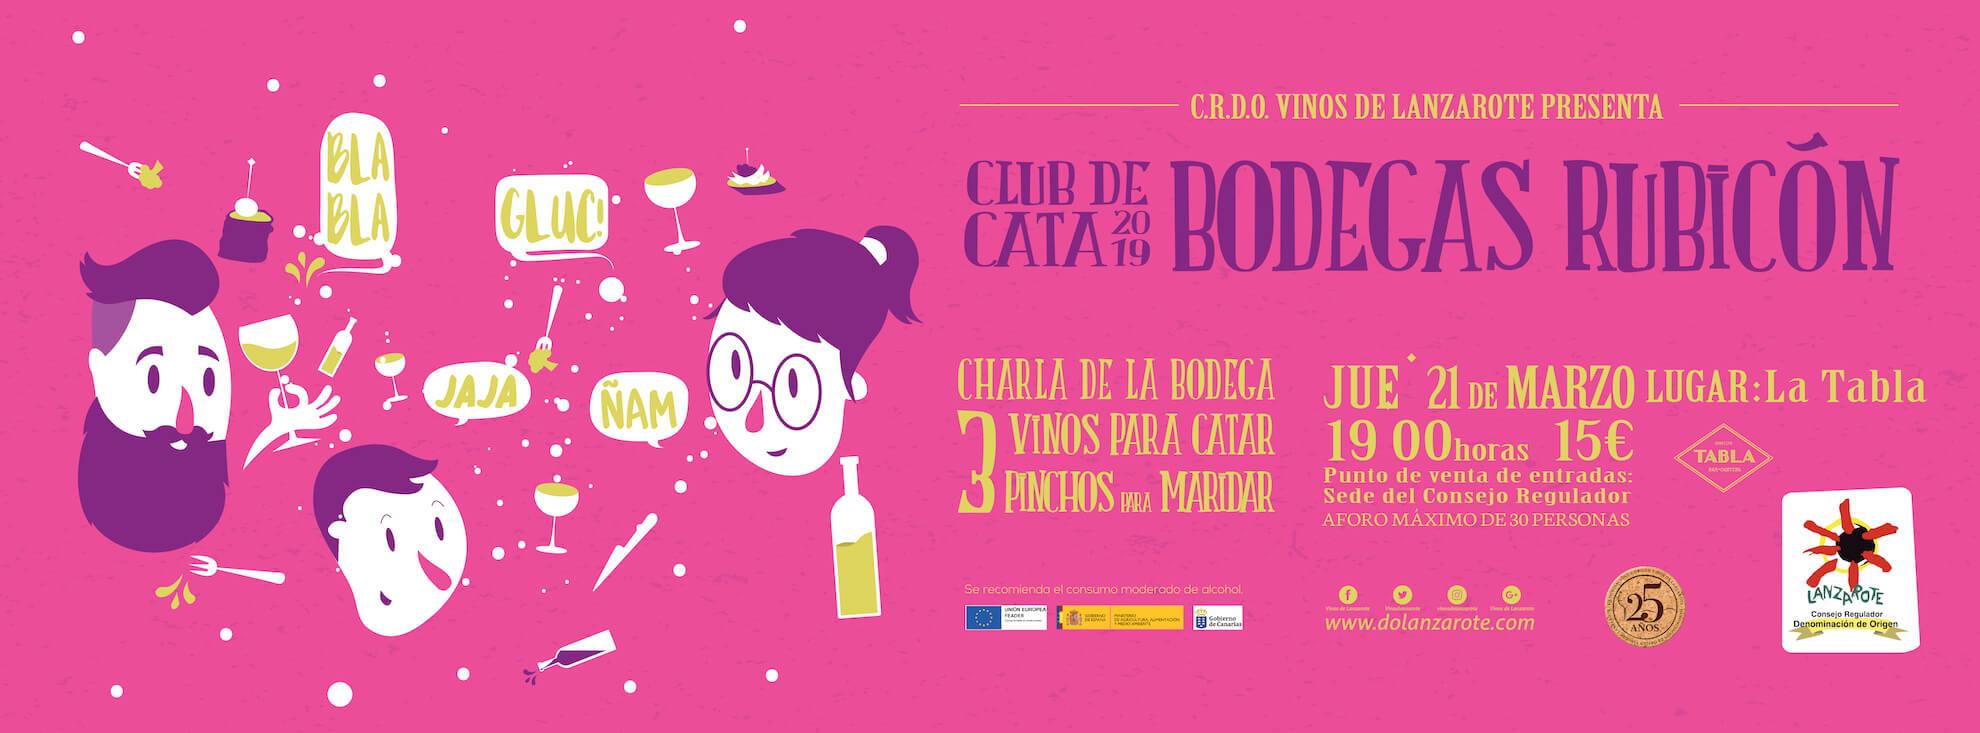 Club-de-cata-de-vino-de-Lanzarote-Bodegas-Rubicón-marzo-2019